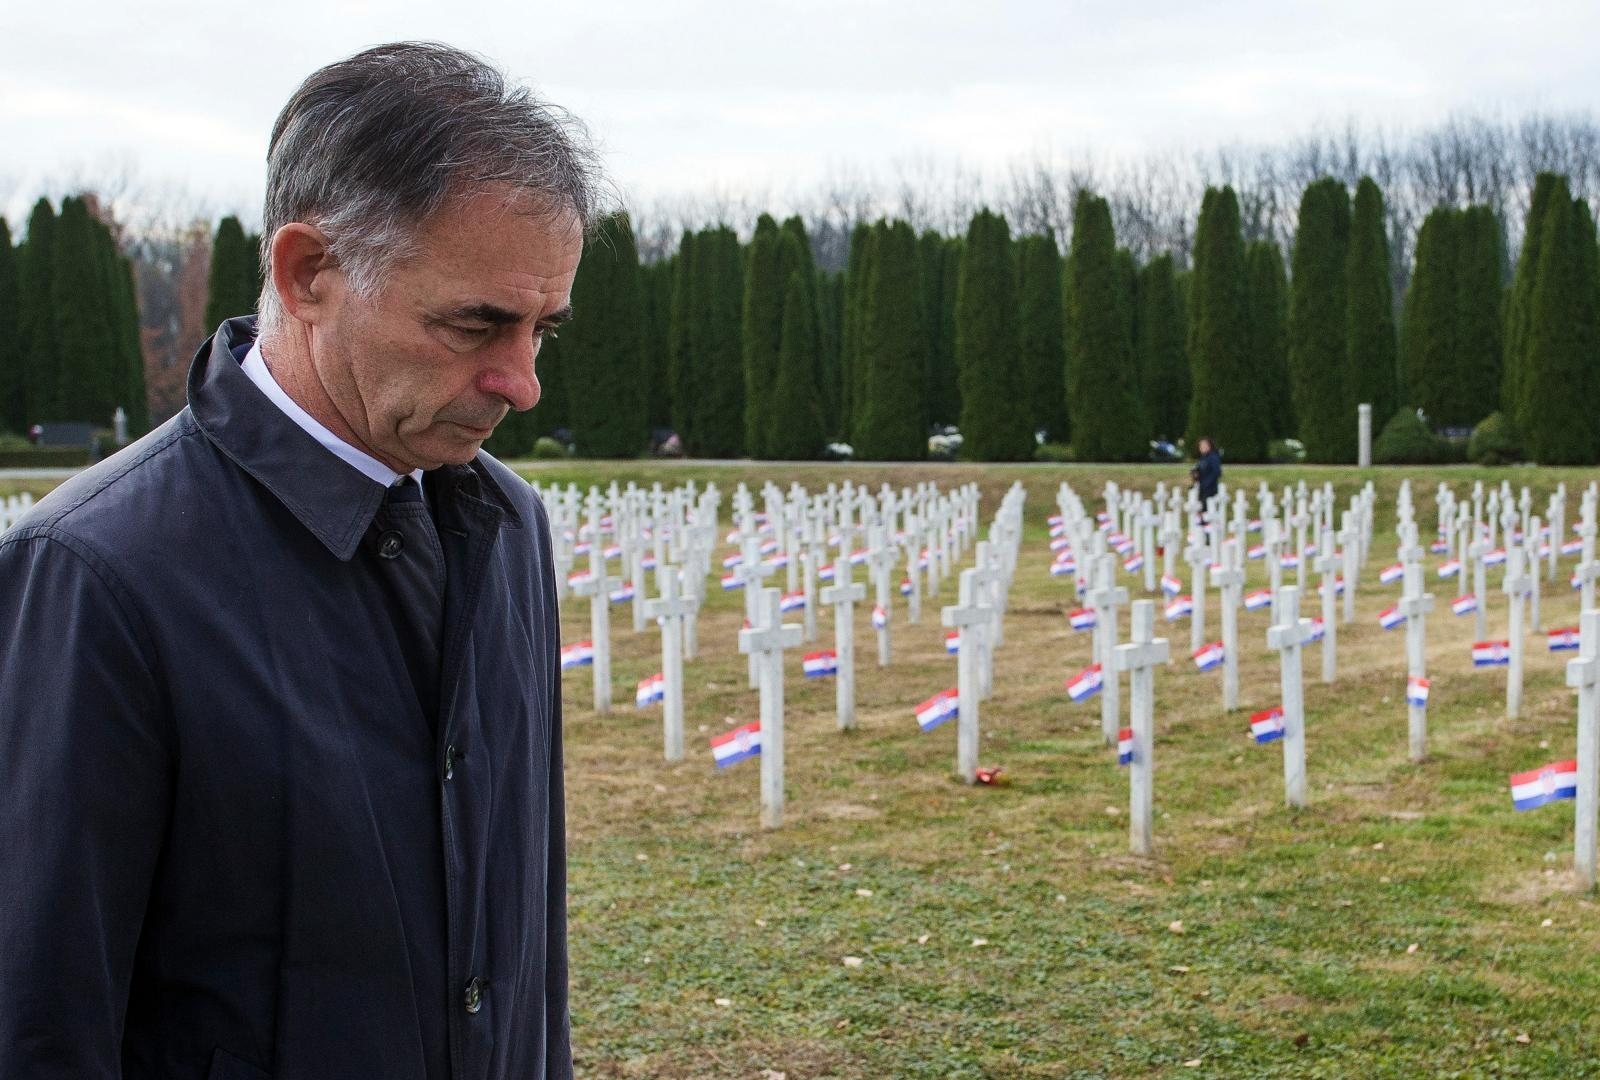 Pupovac odao počast vukovarskim žrtvama, dio građana okrenuo mu leđa